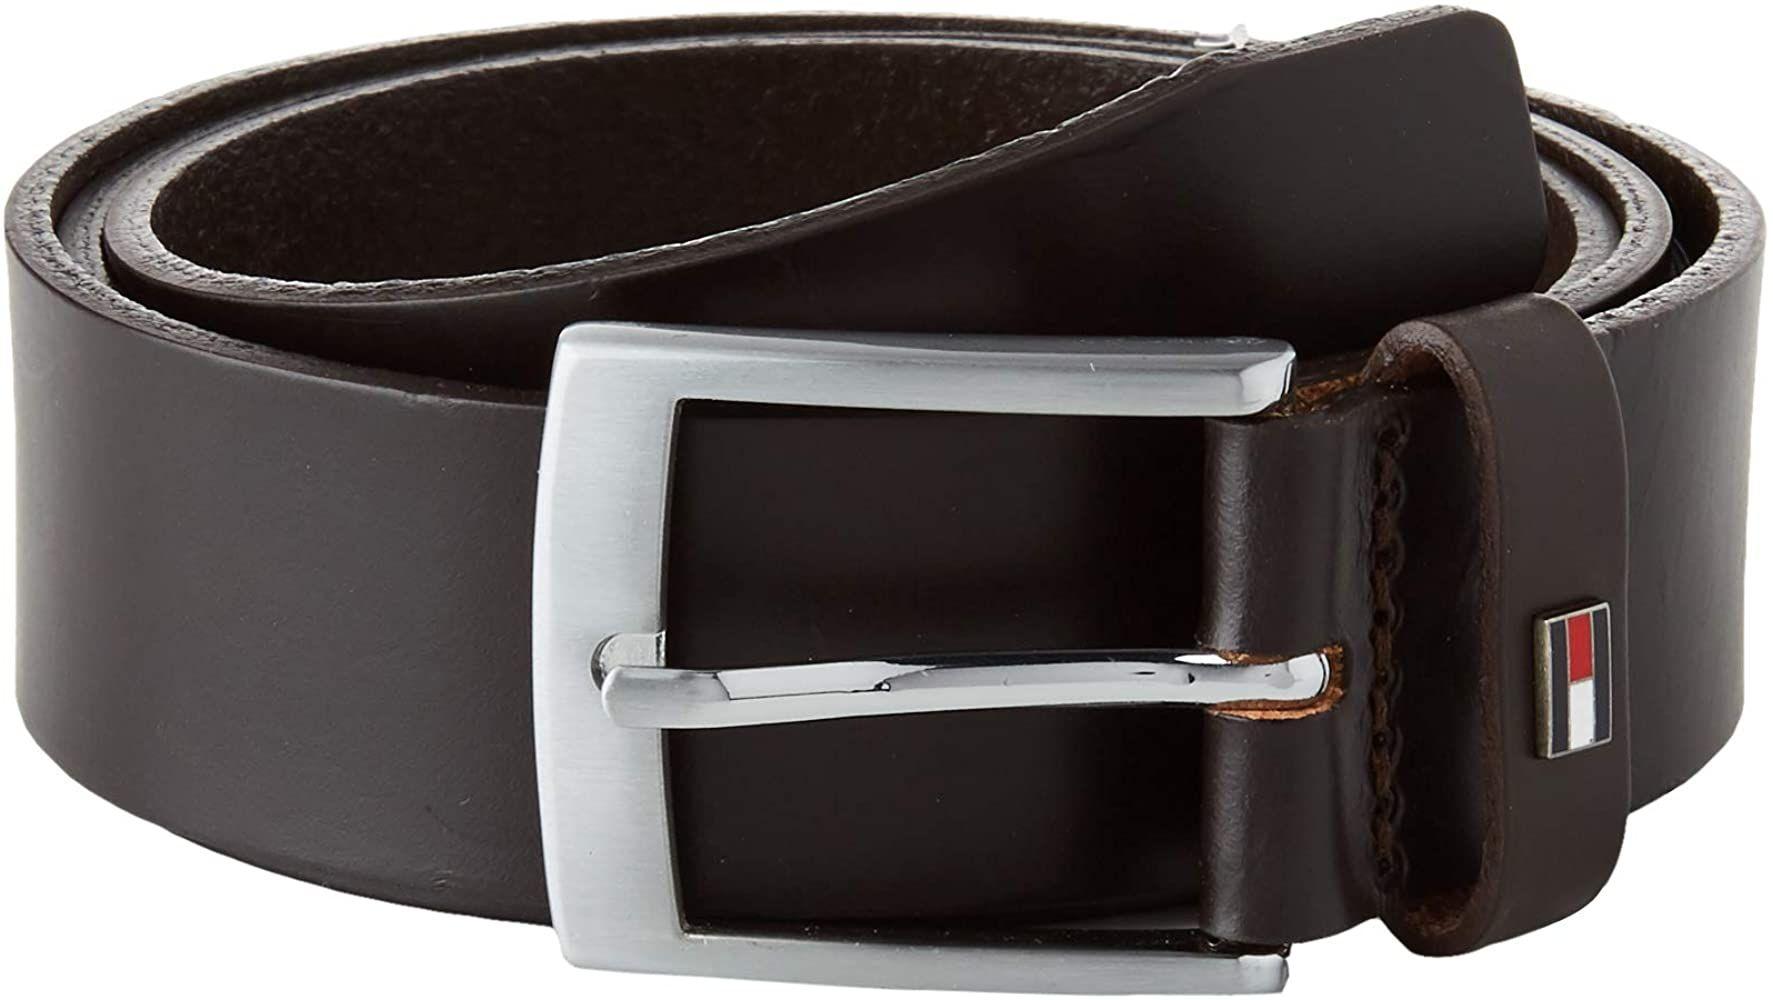 Cinturón de piel Tommy hilfiger T80